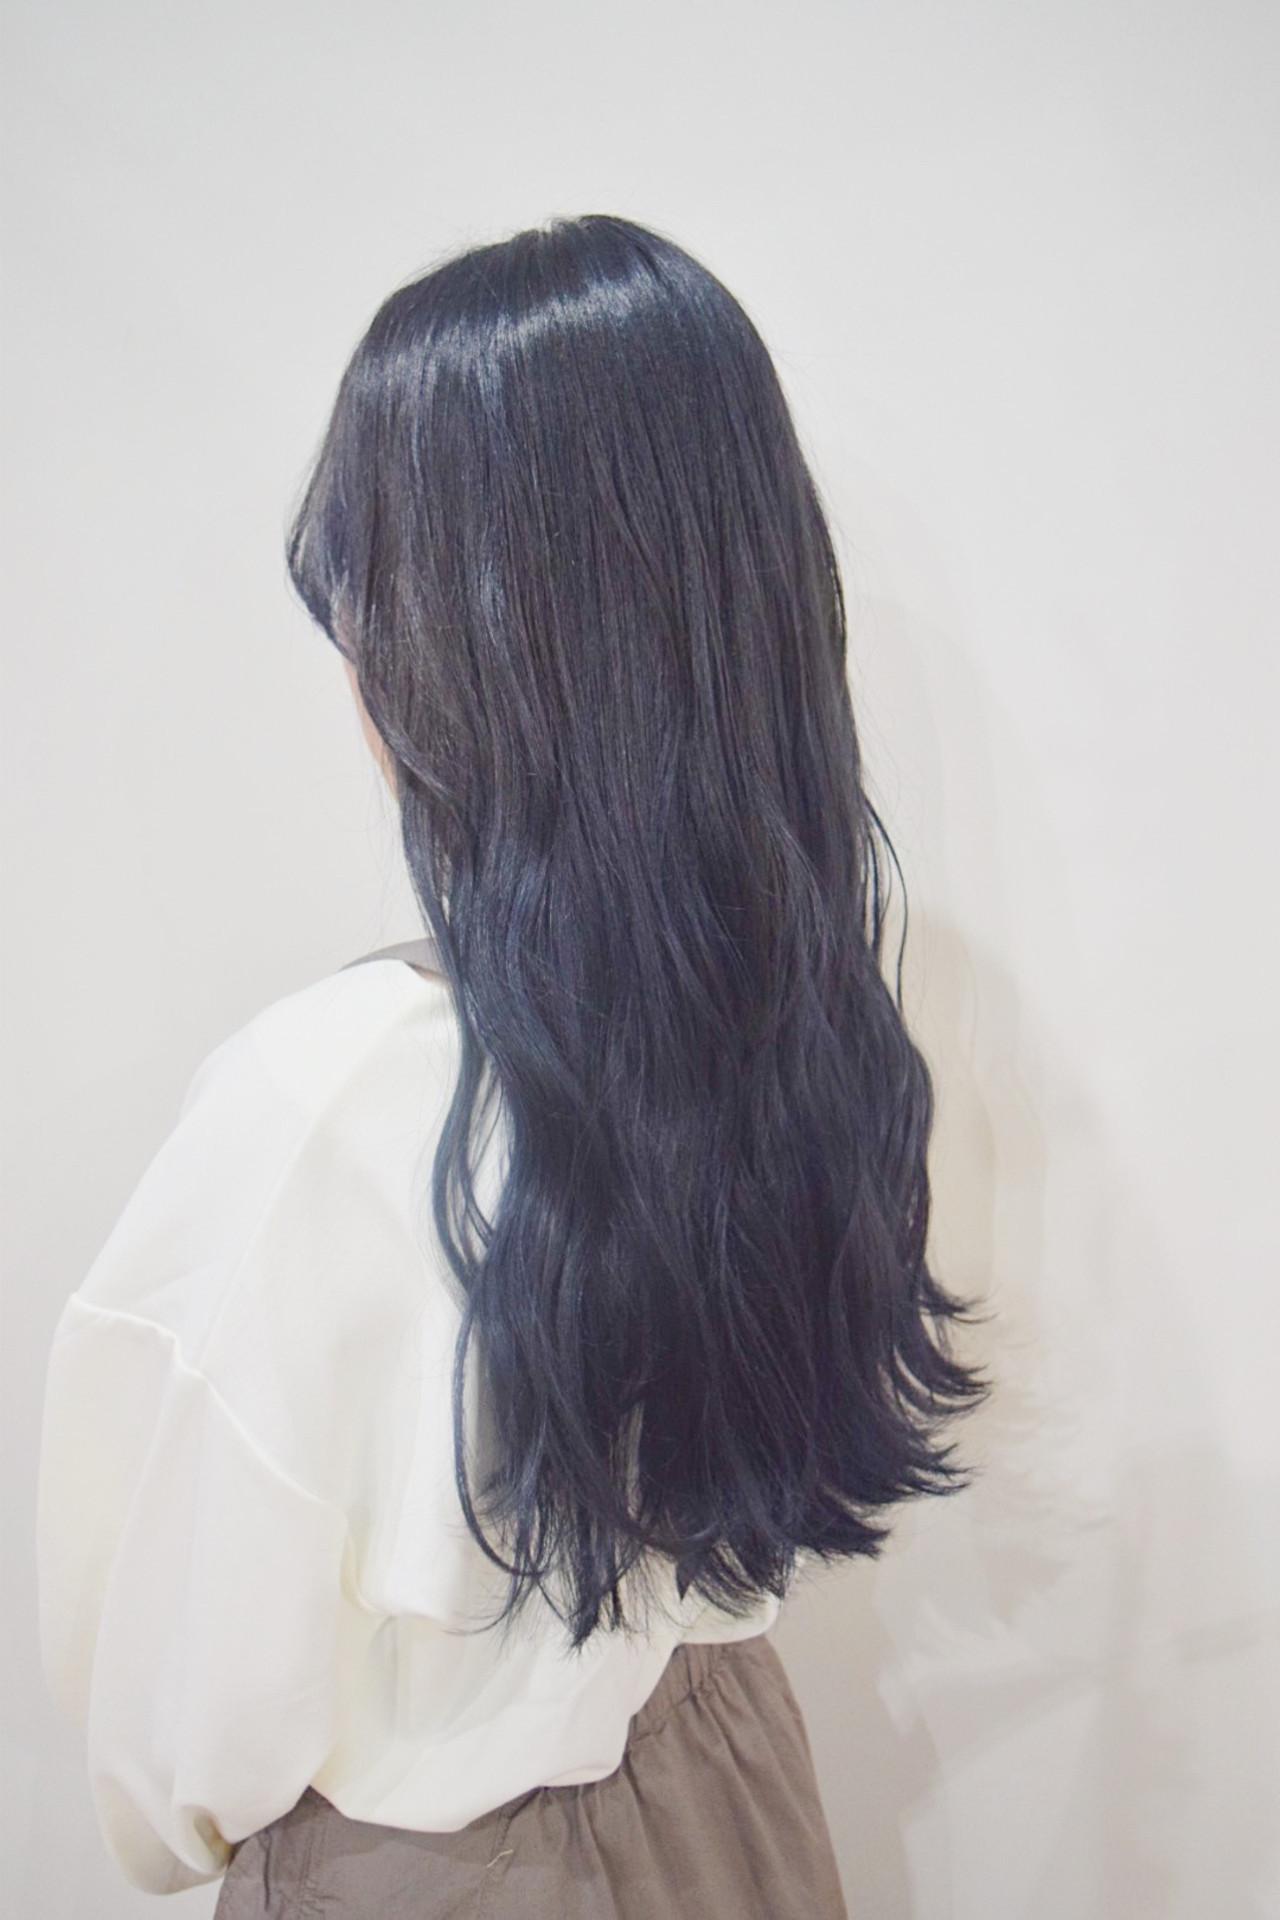 ナチュラル ネイビーカラー ロング ロングヘア ヘアスタイルや髪型の写真・画像